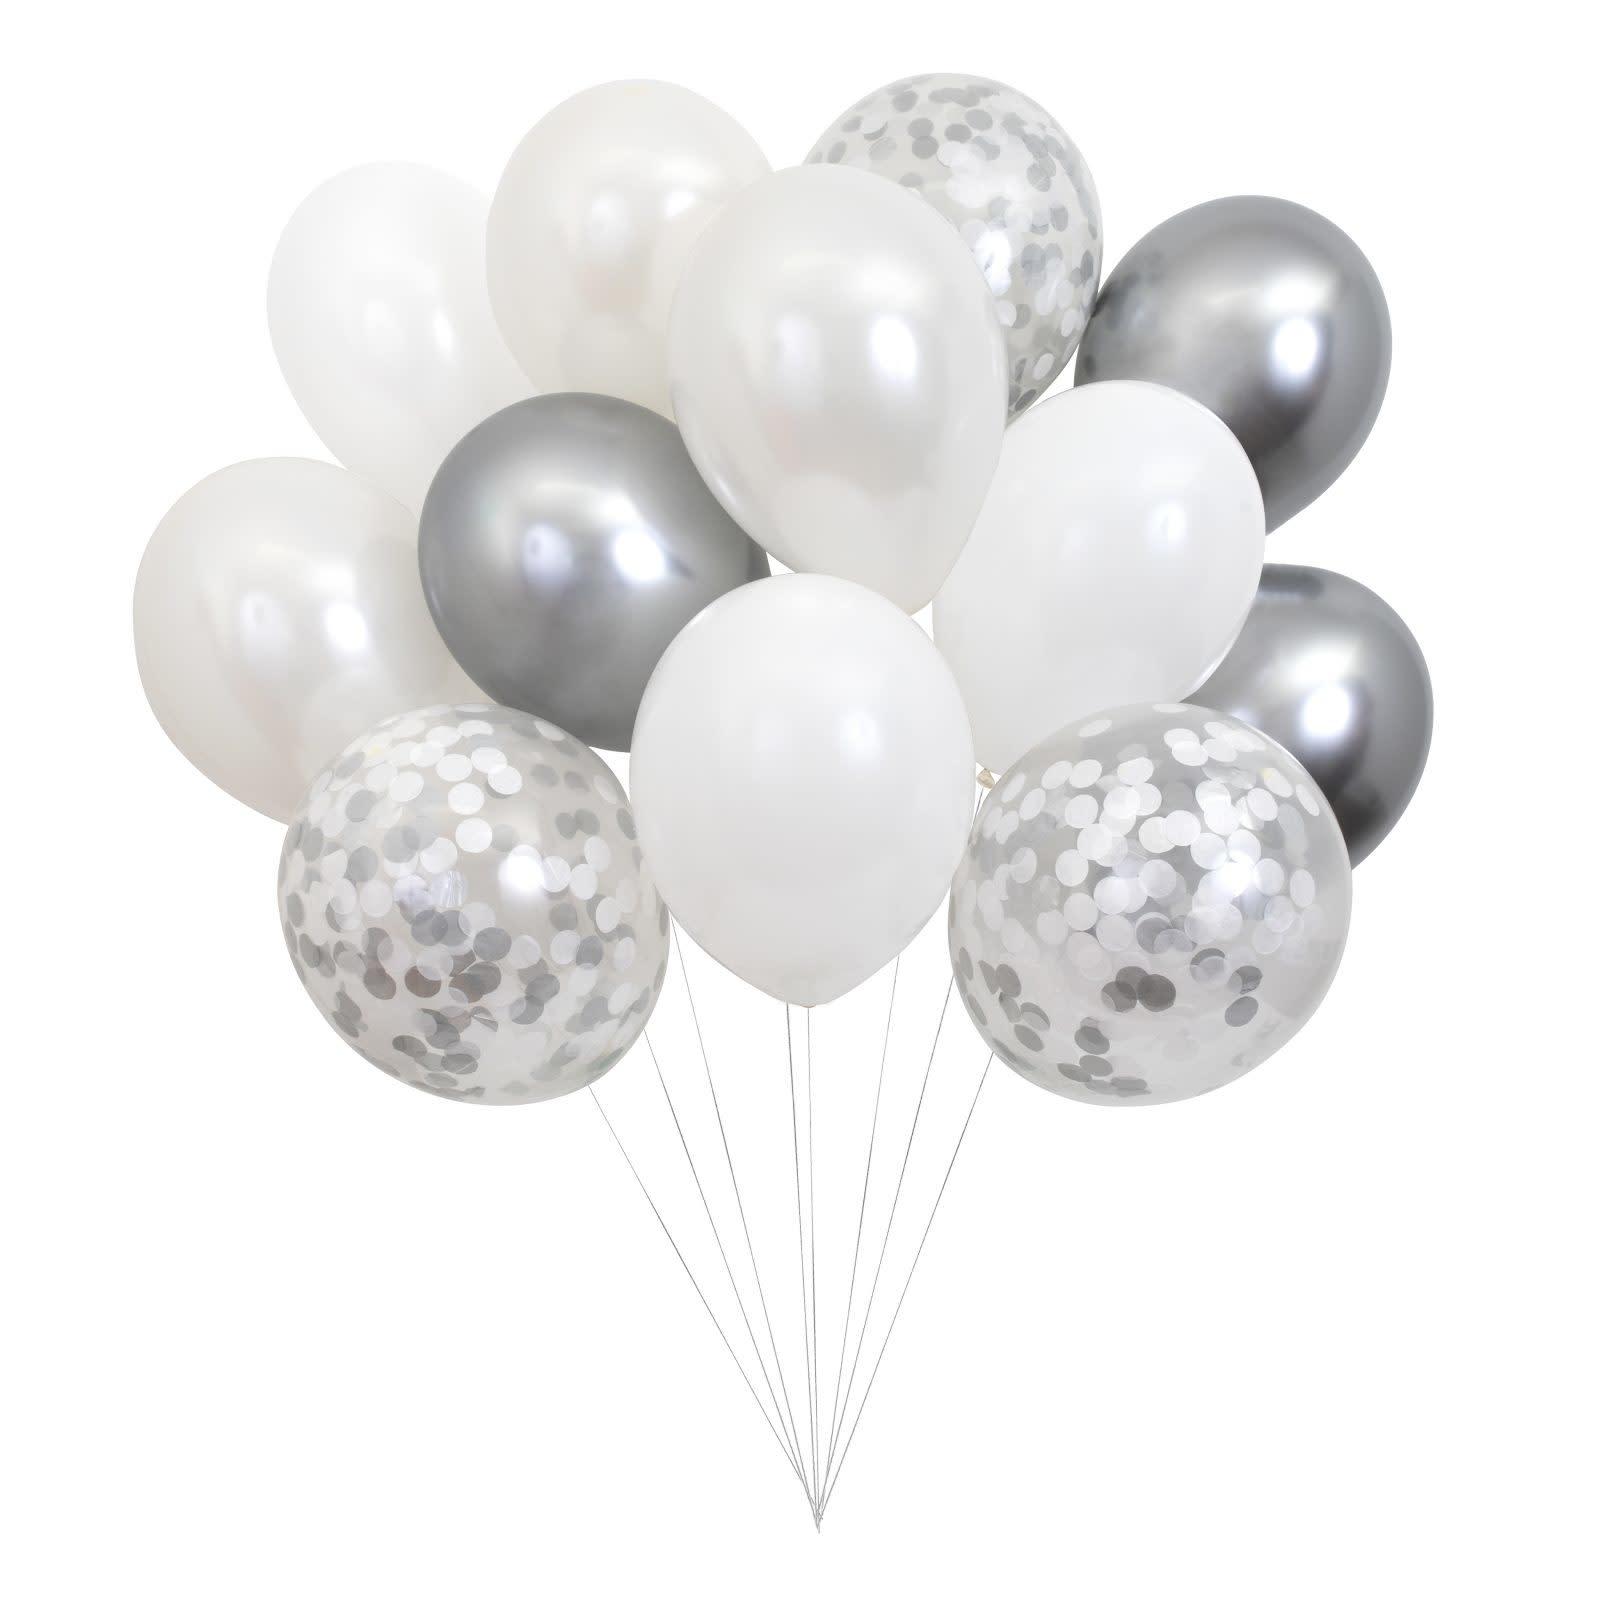 MERIMERI Beautiful balloons silver